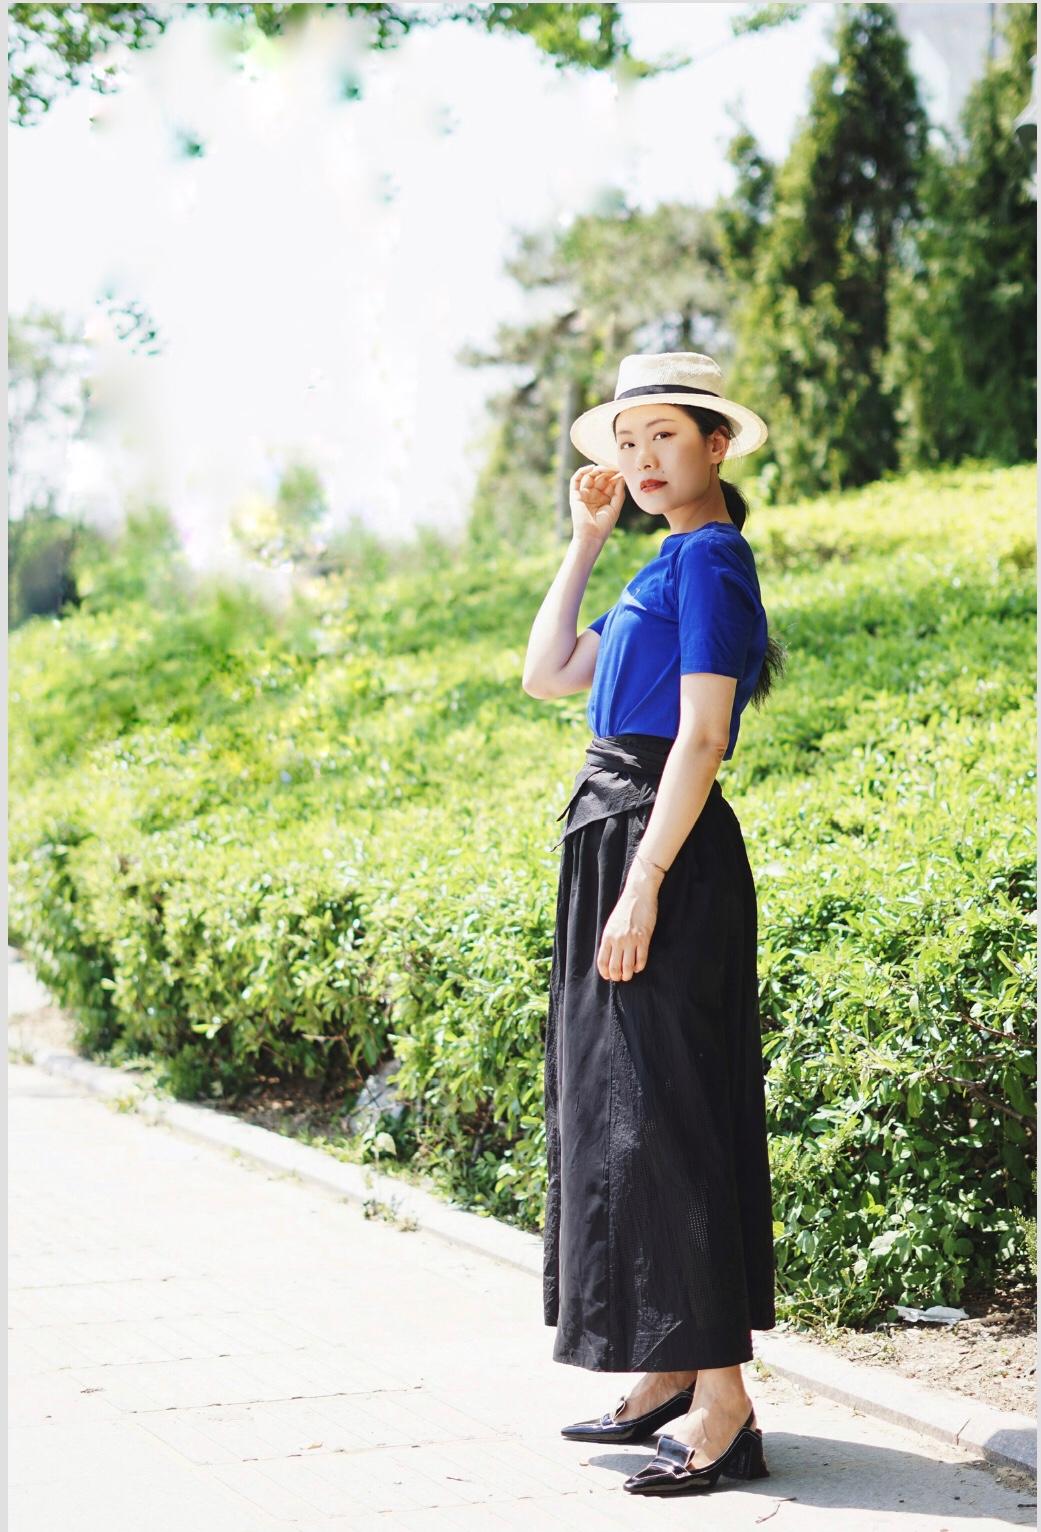 #懒?教你原地瘦10斤!# 想获得不费力的时髦感? 一件剪裁良好的t可以轻松打造周末休闲造型。 下半身穿带风的阔腿长裙裤, 很特别的版型, 让人过目难忘。